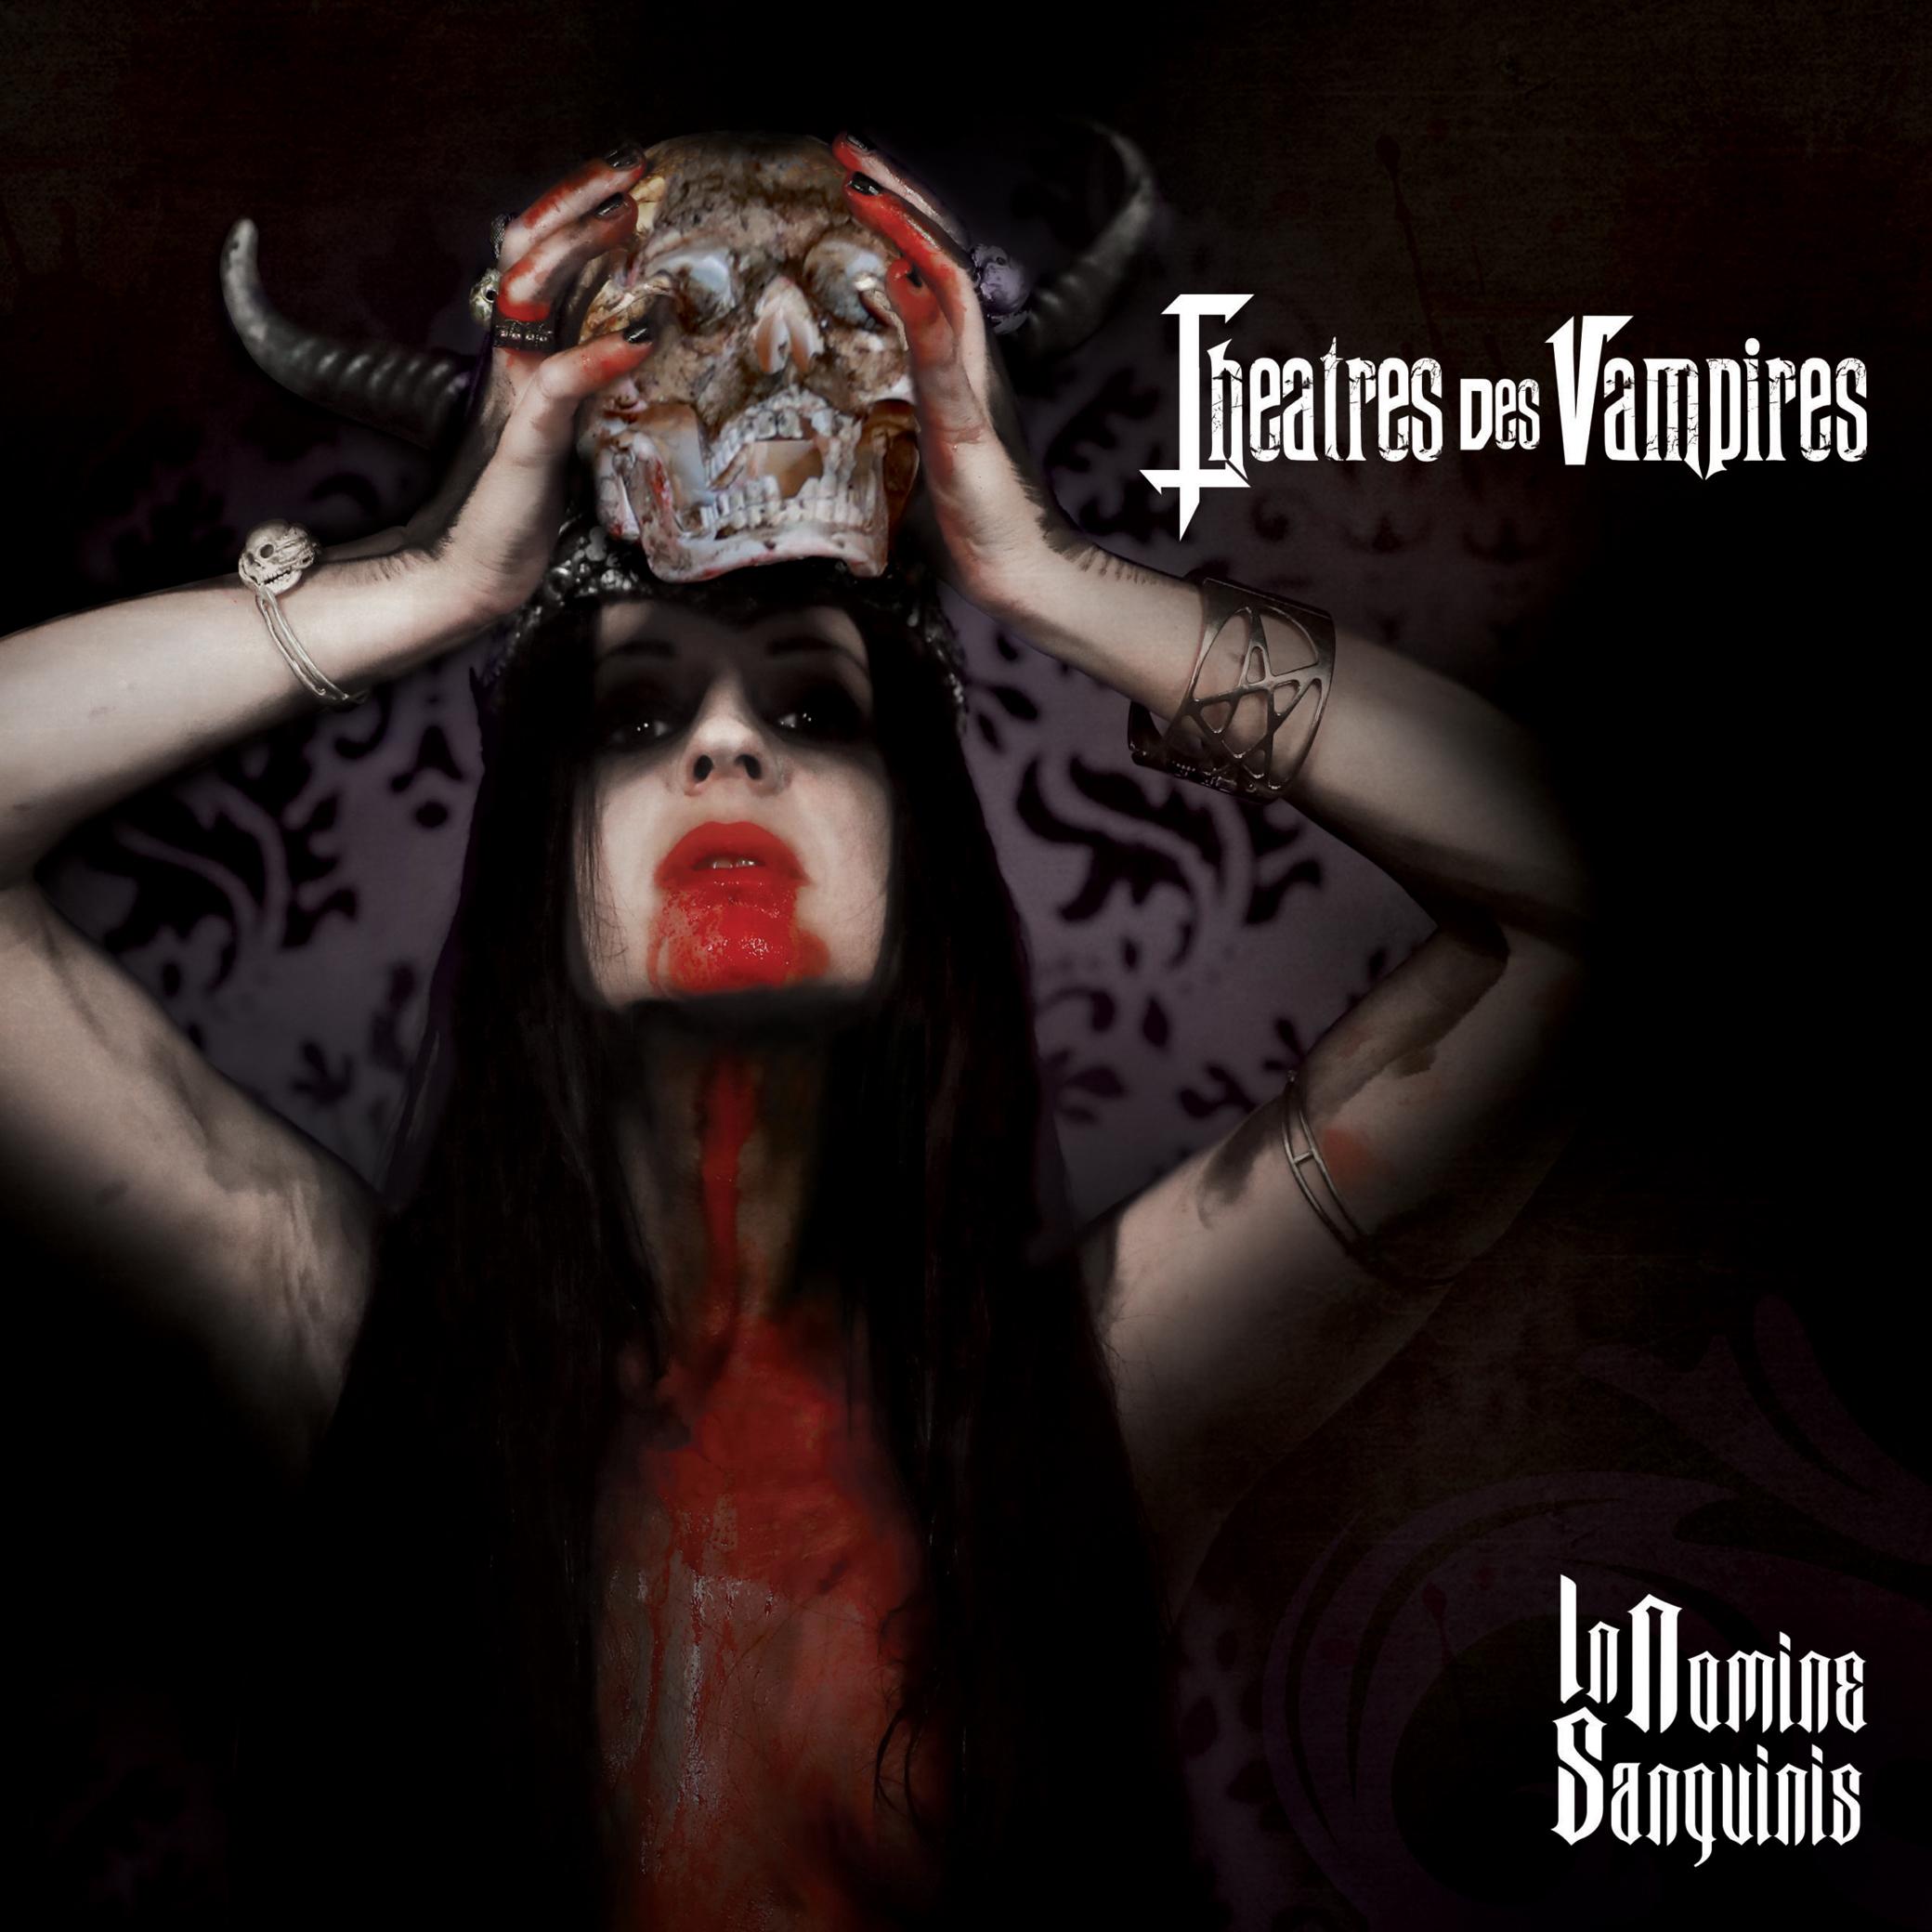 THEATRES DES VAMPIRES album